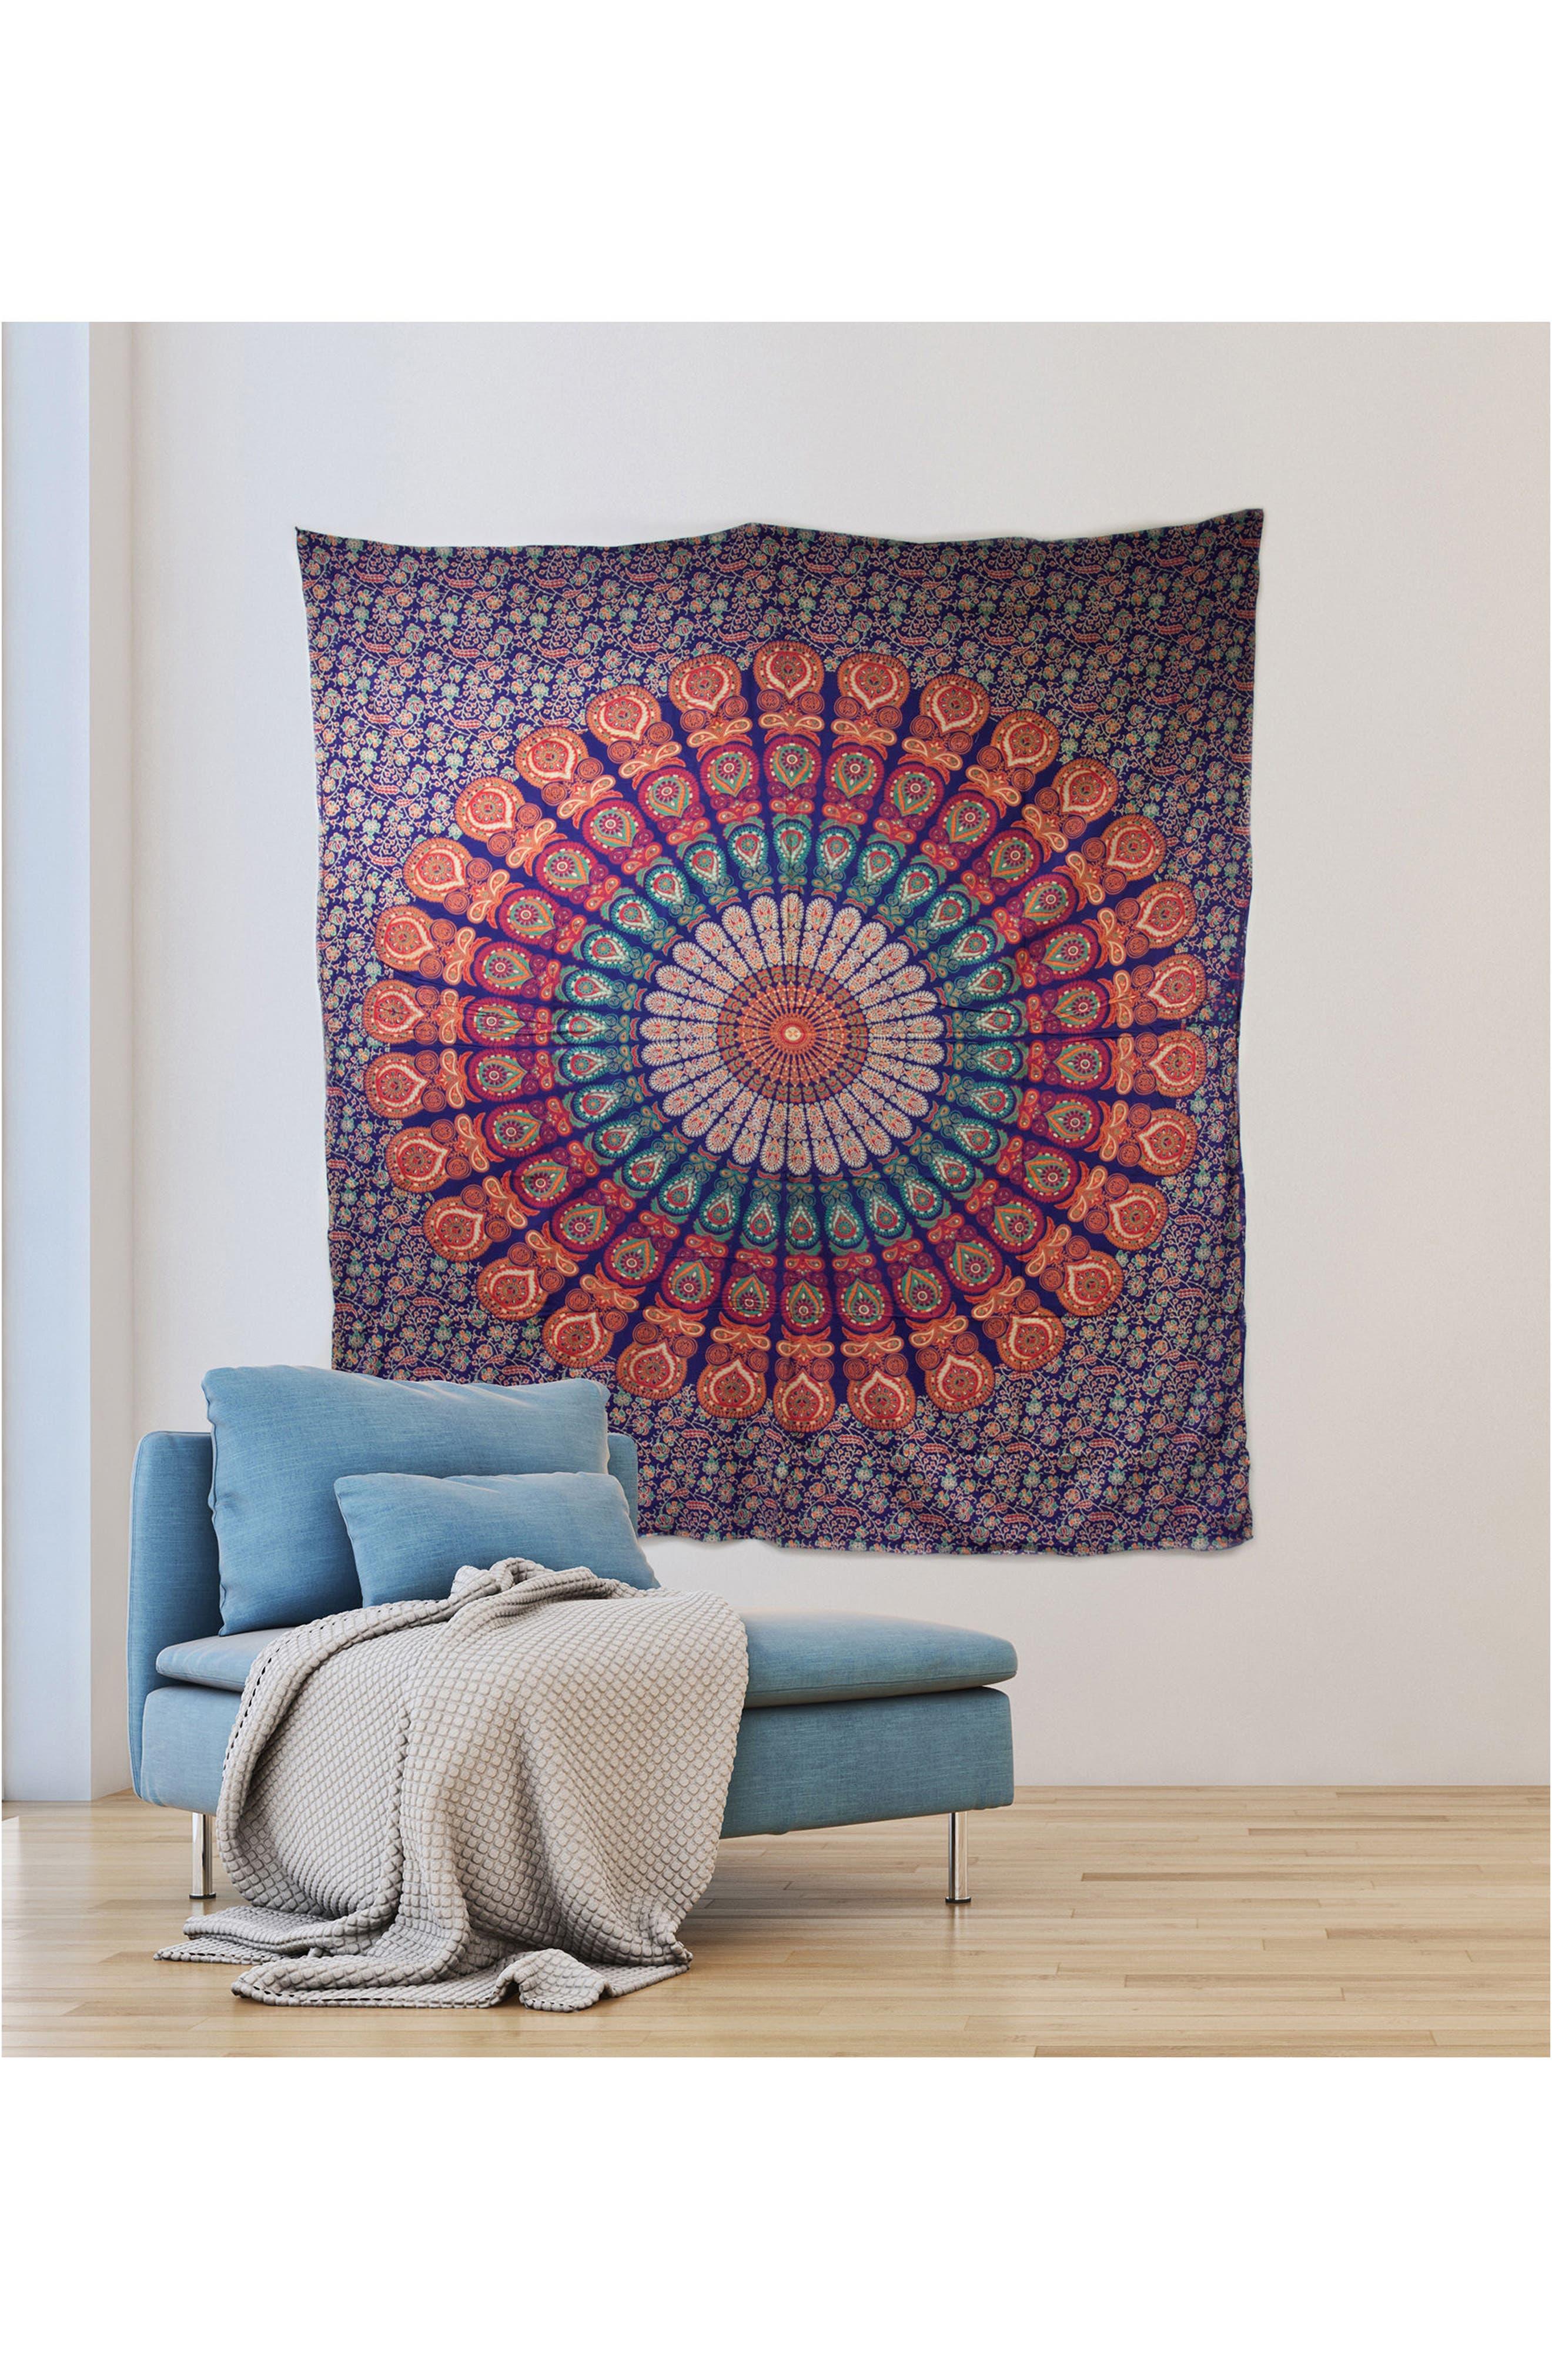 Raghav Wall Tapestry,                             Alternate thumbnail 2, color,                             400